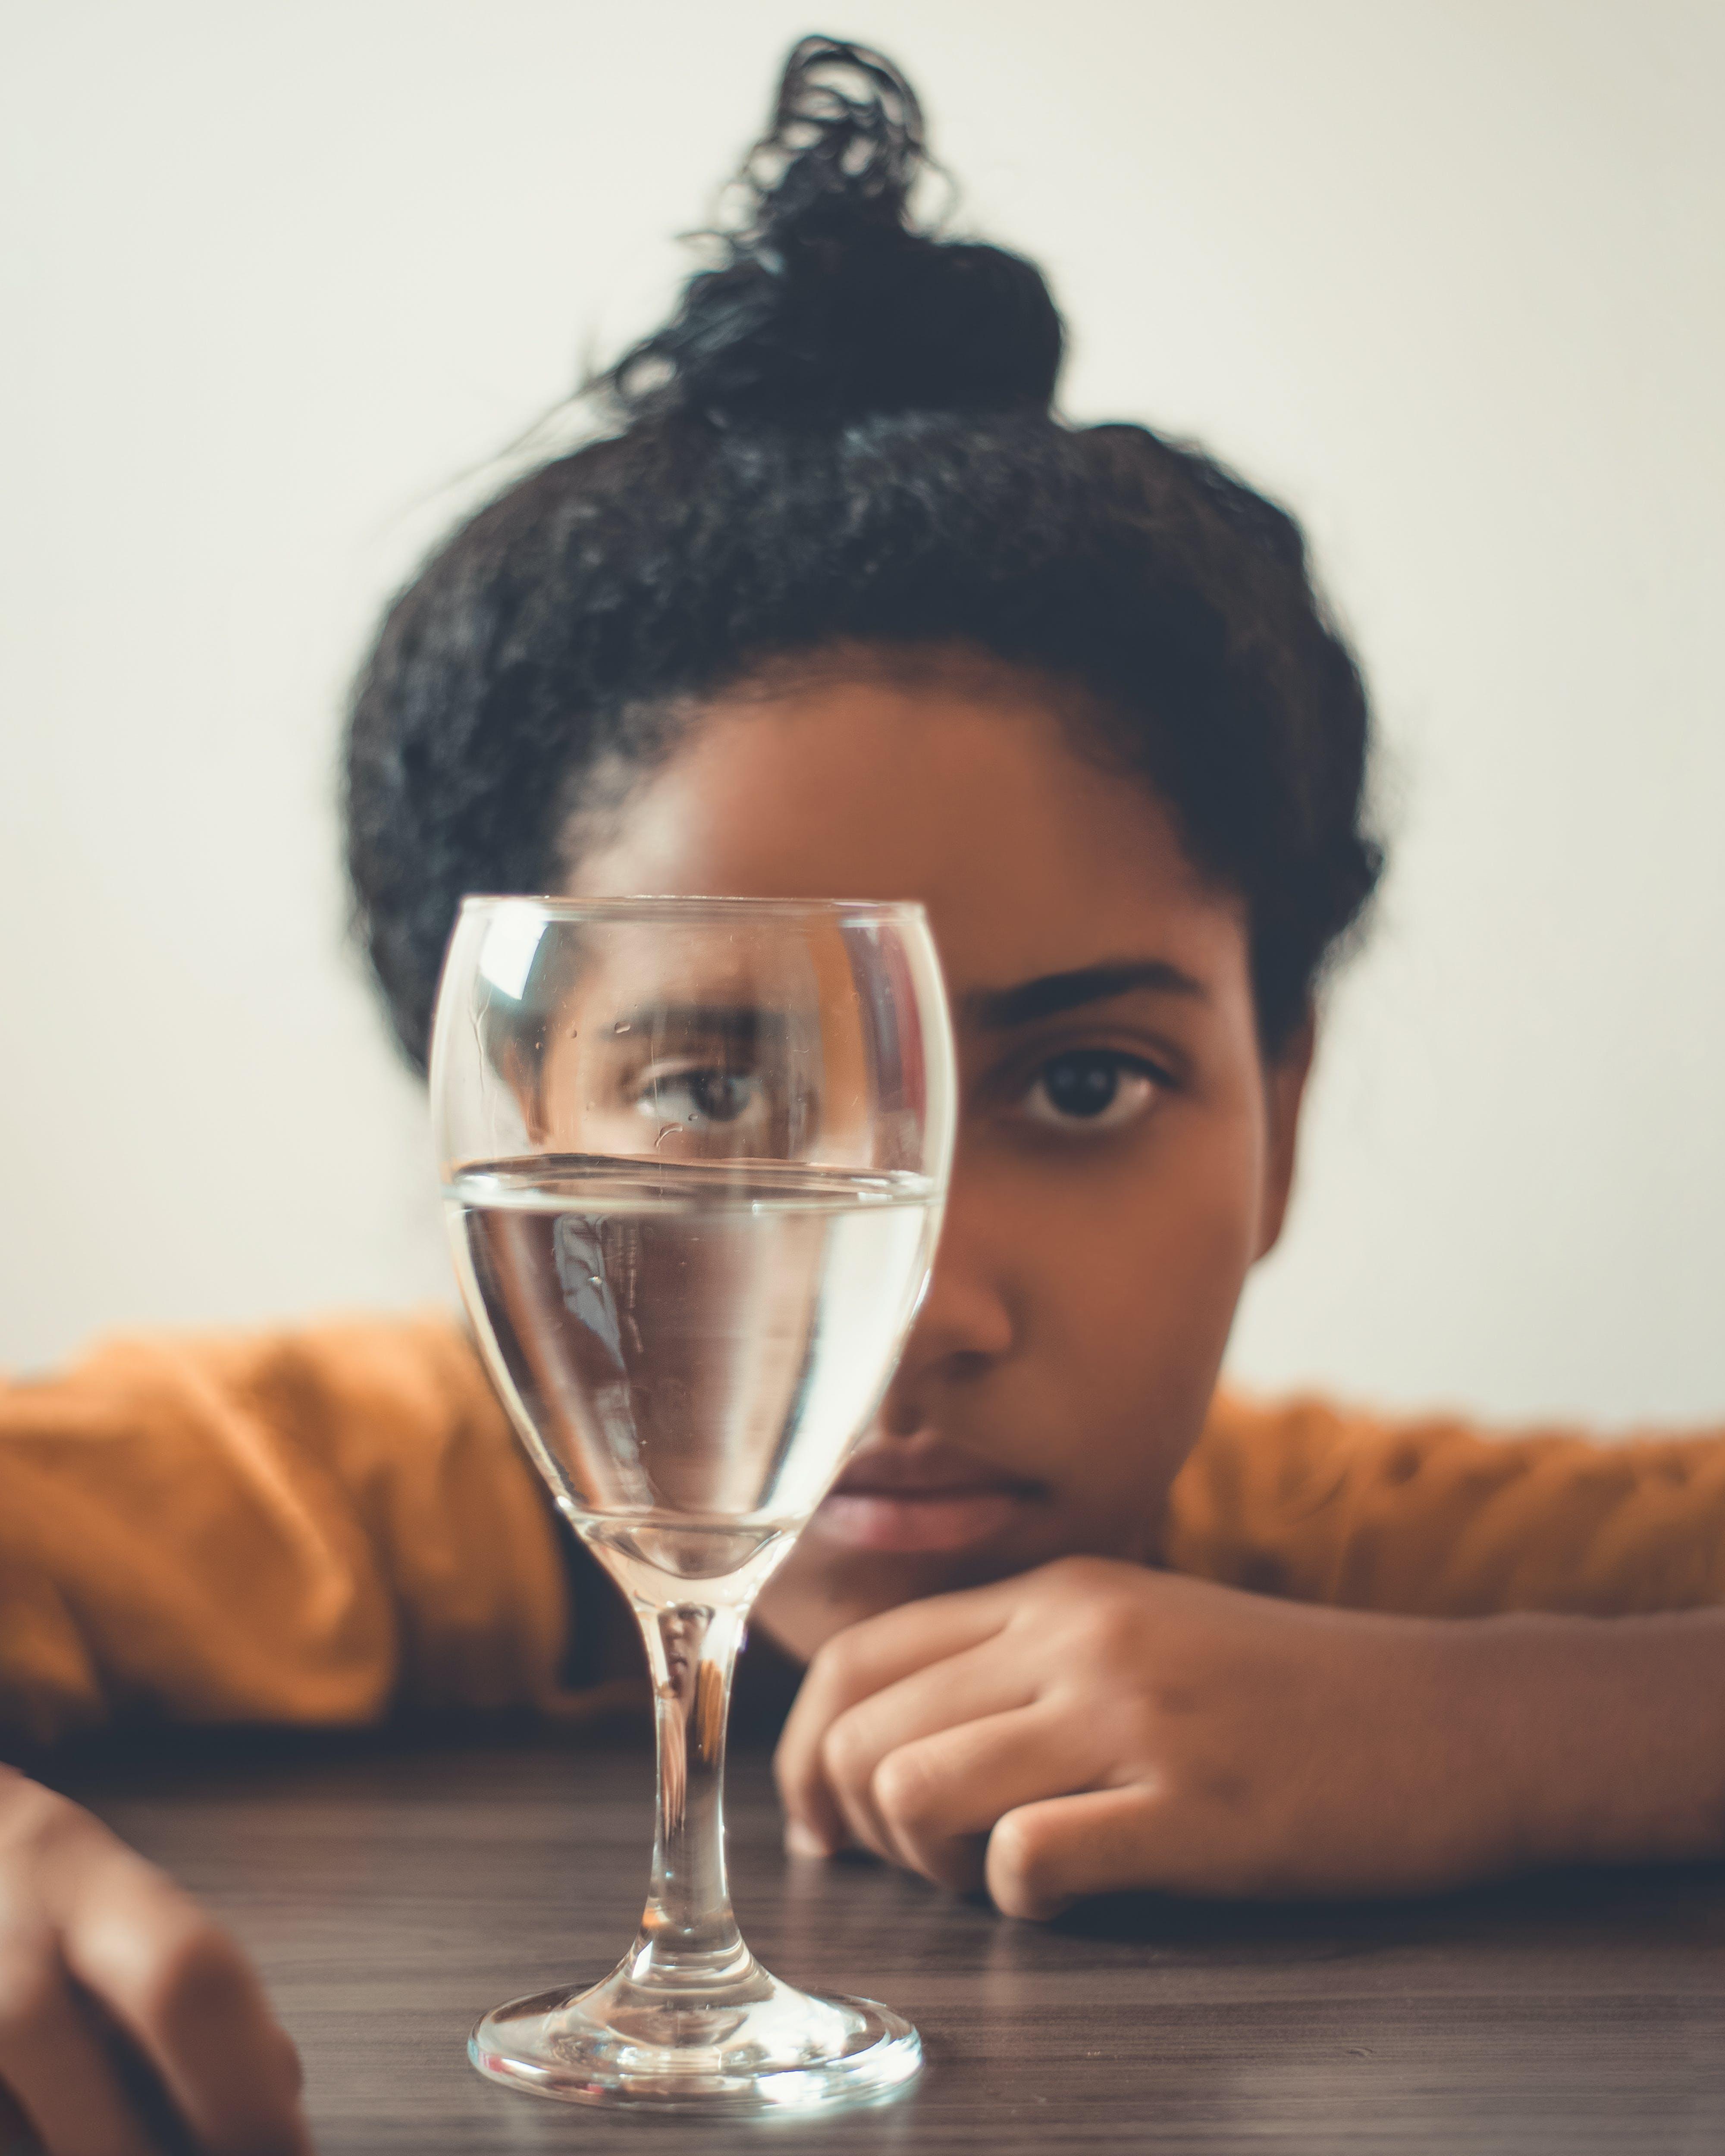 おしゃれ, インドア, カクテルグラス, カジュアルの無料の写真素材